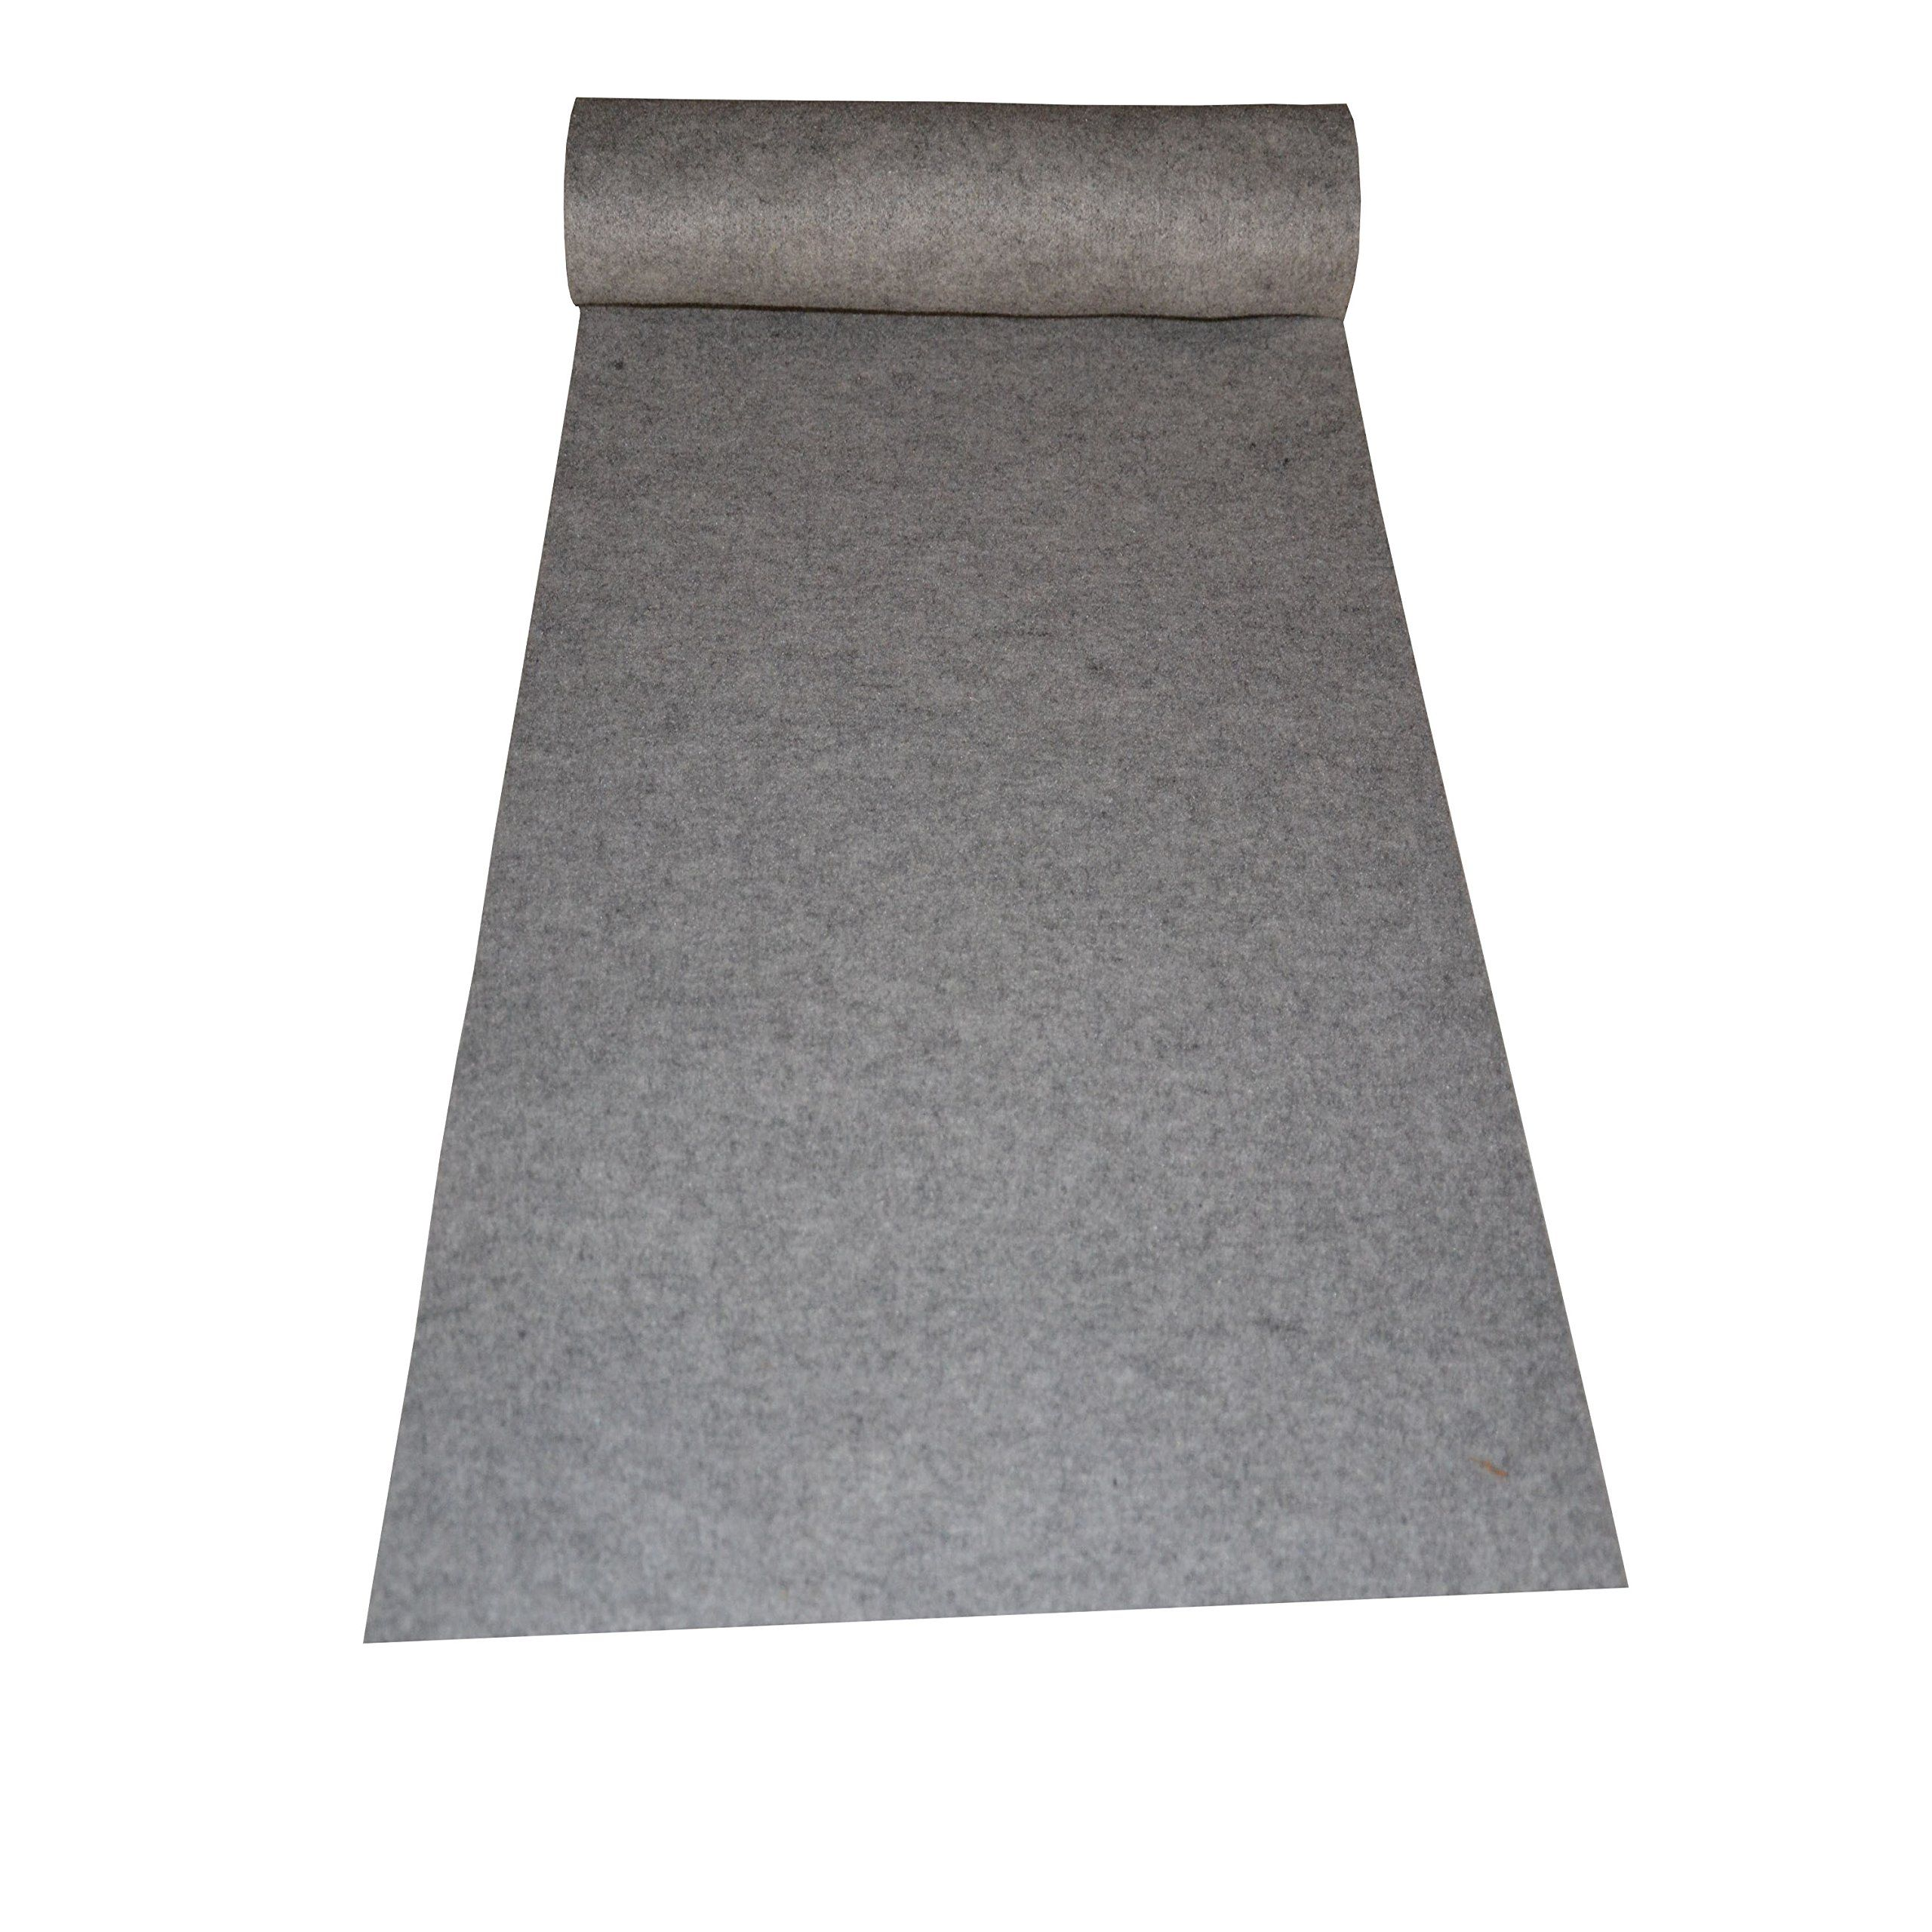 30 cm breit cm breit mit schubladen fr kleine weier ideen. Black Bedroom Furniture Sets. Home Design Ideas